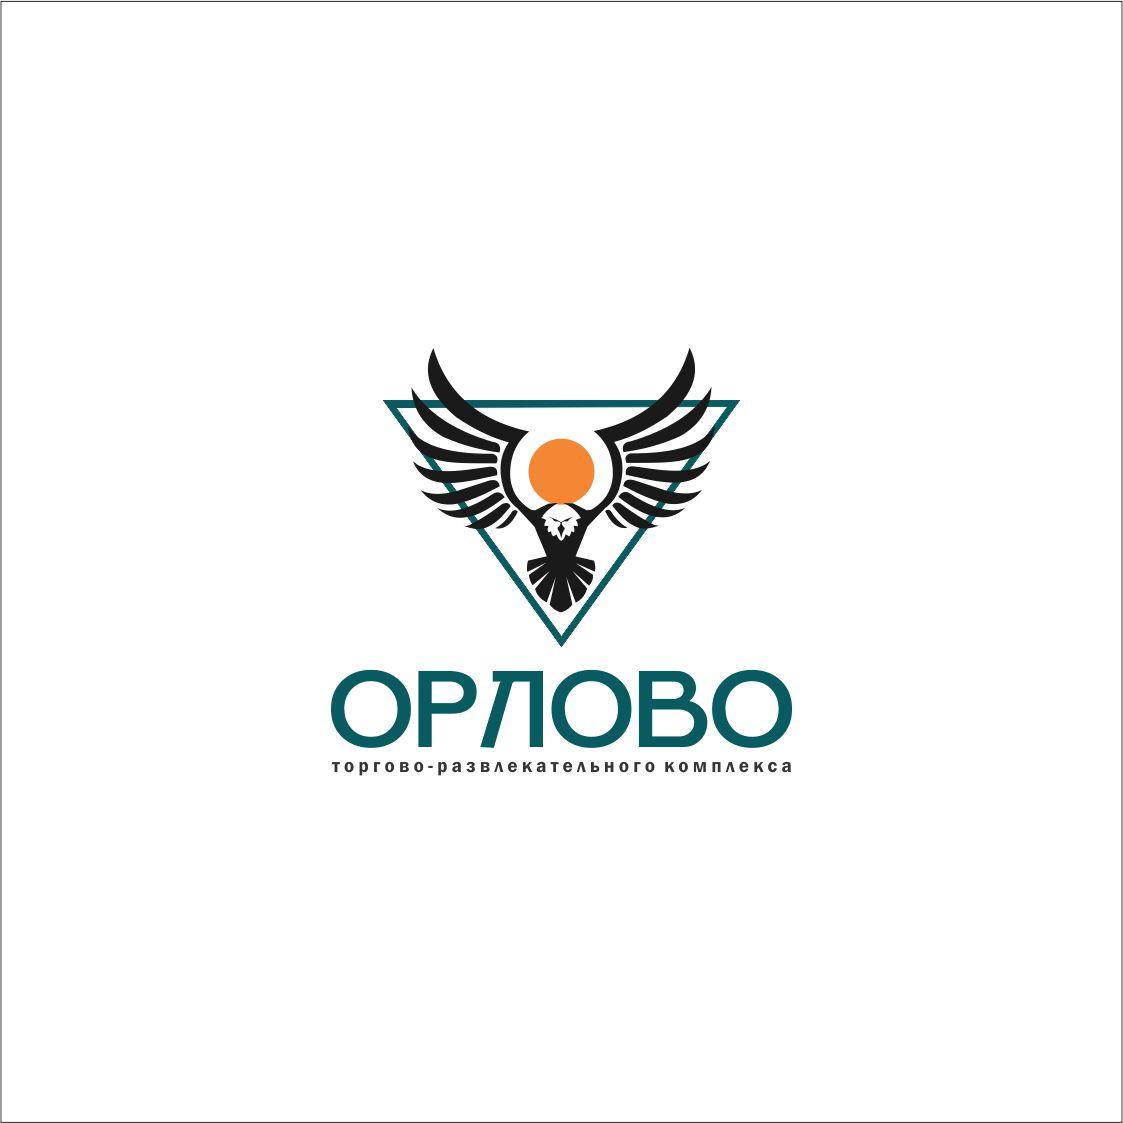 Разработка логотипа для Торгово-развлекательного комплекса фото f_5805972e3a67dff4.jpg